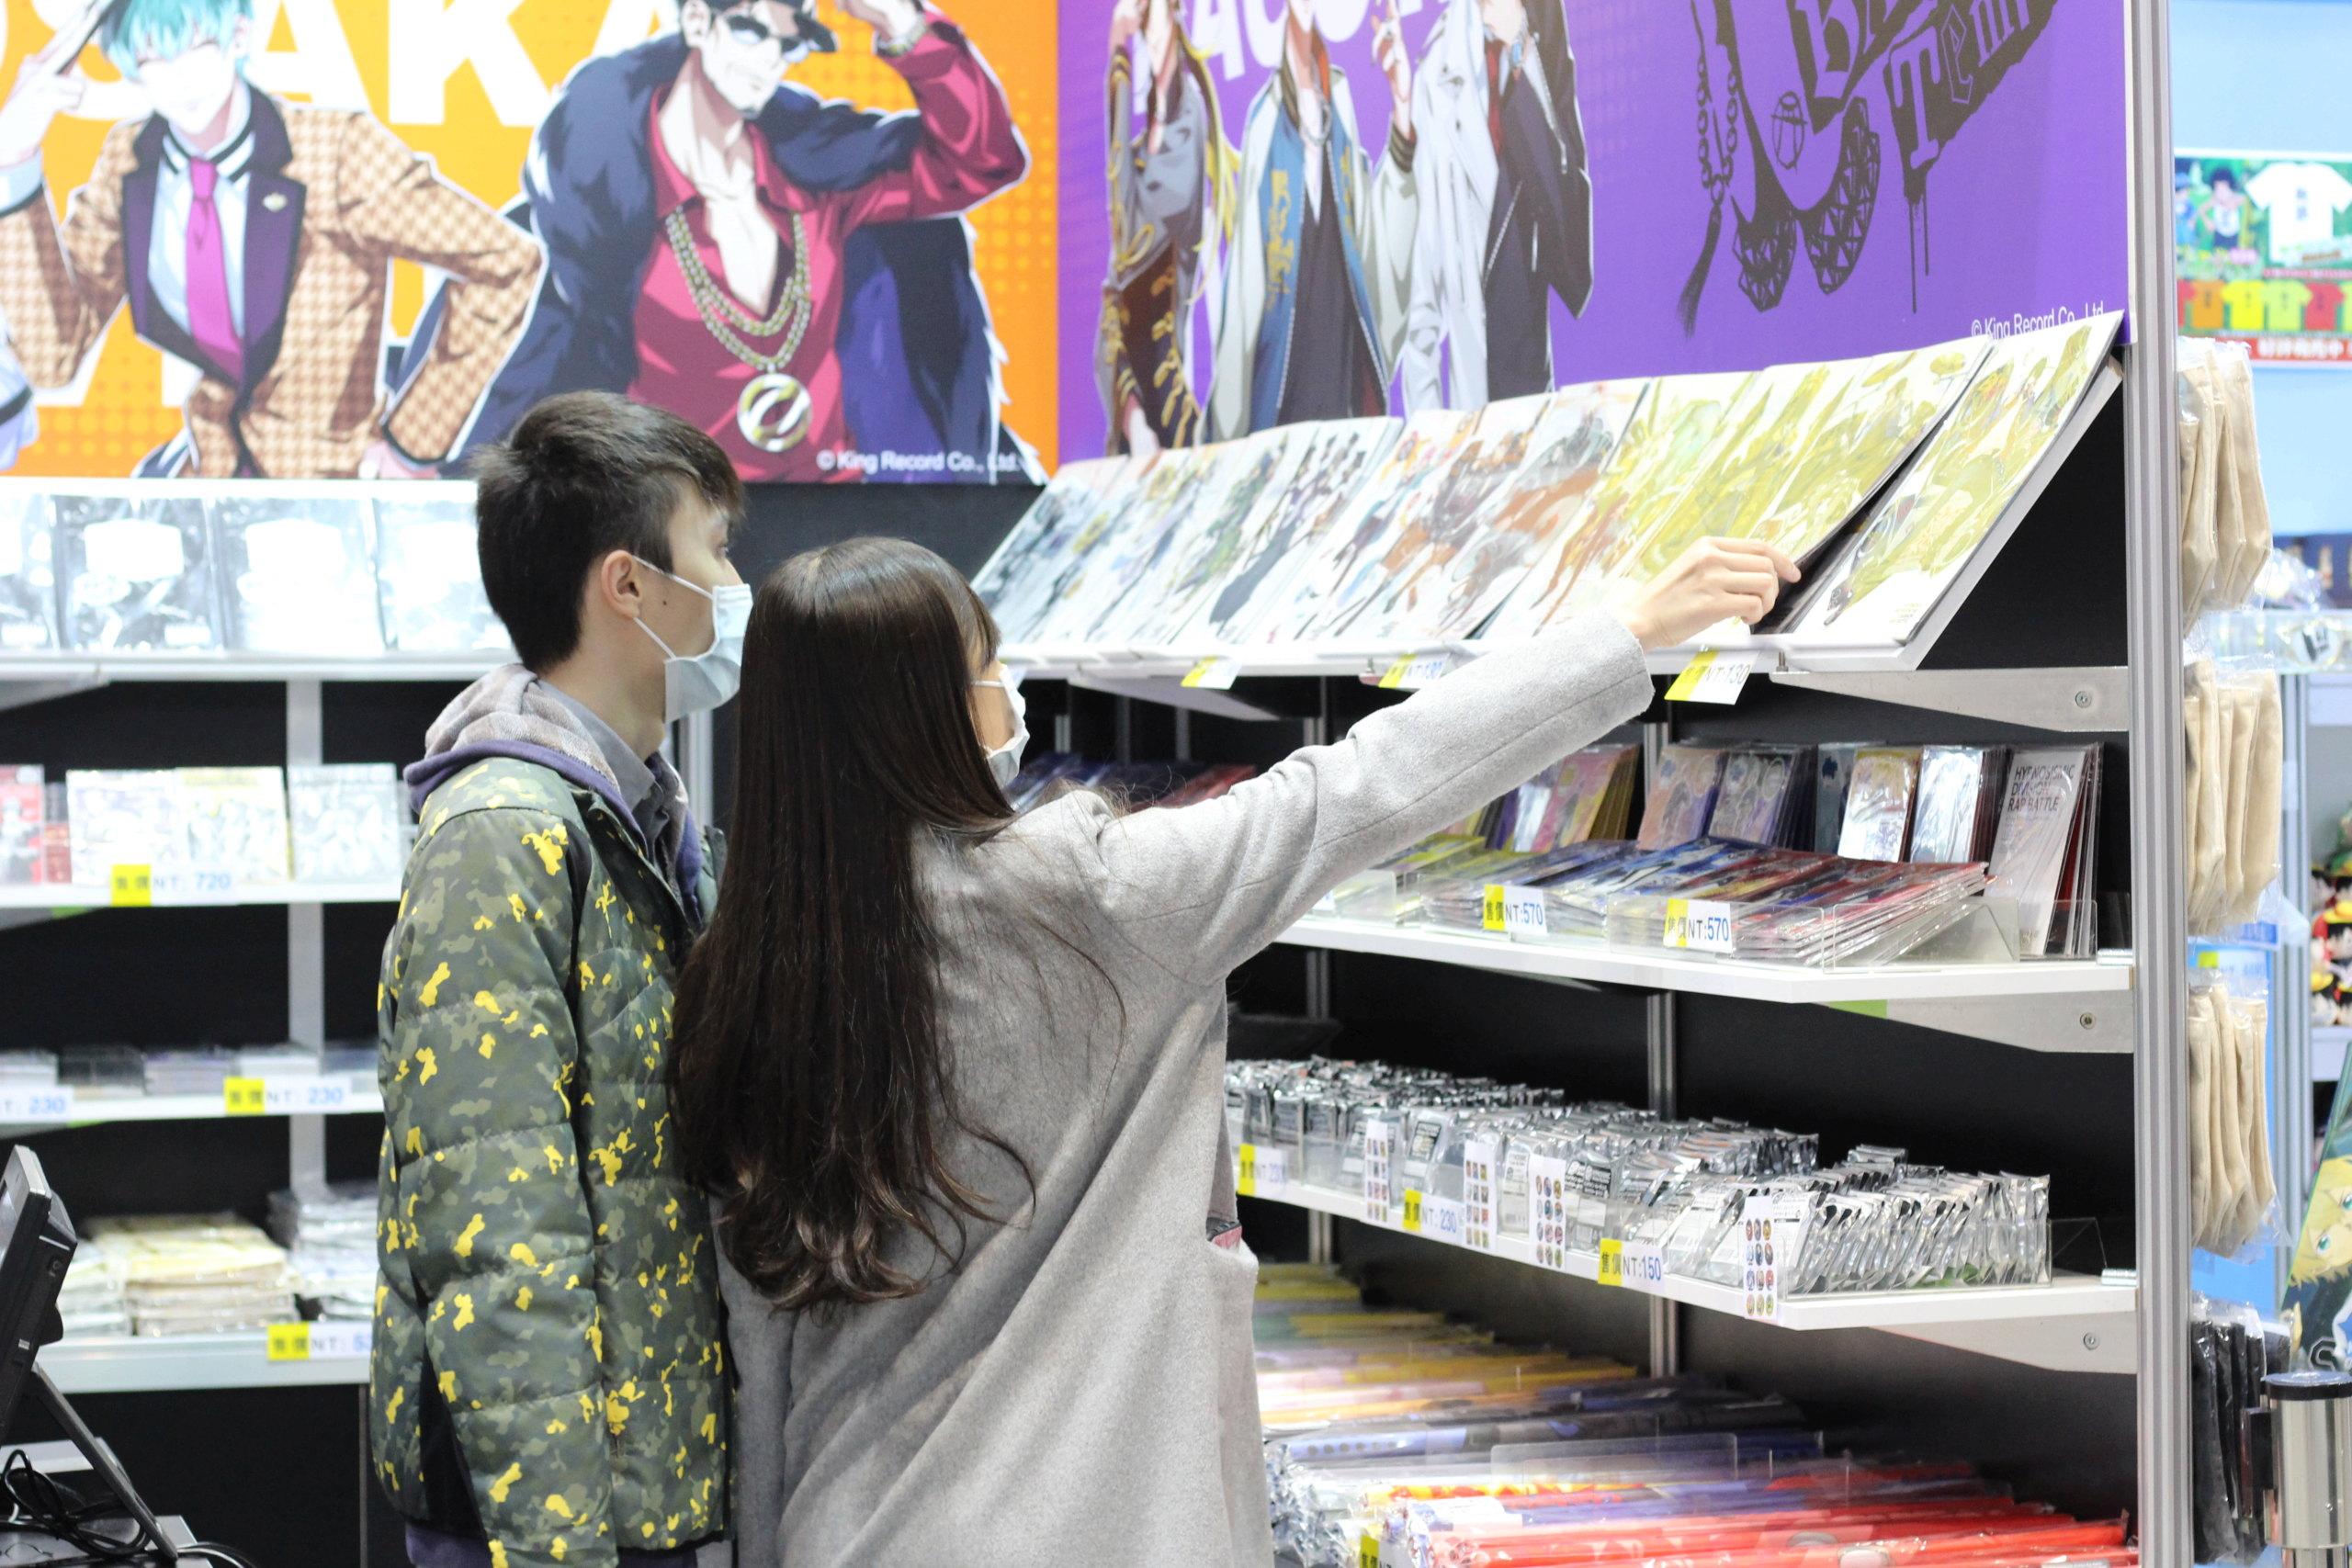 2020動漫 ICHIBAN JAPAN日本館 不畏寒流疫情 開館首日猛灌爆量人潮瘋搶周邊 Ayeiao10